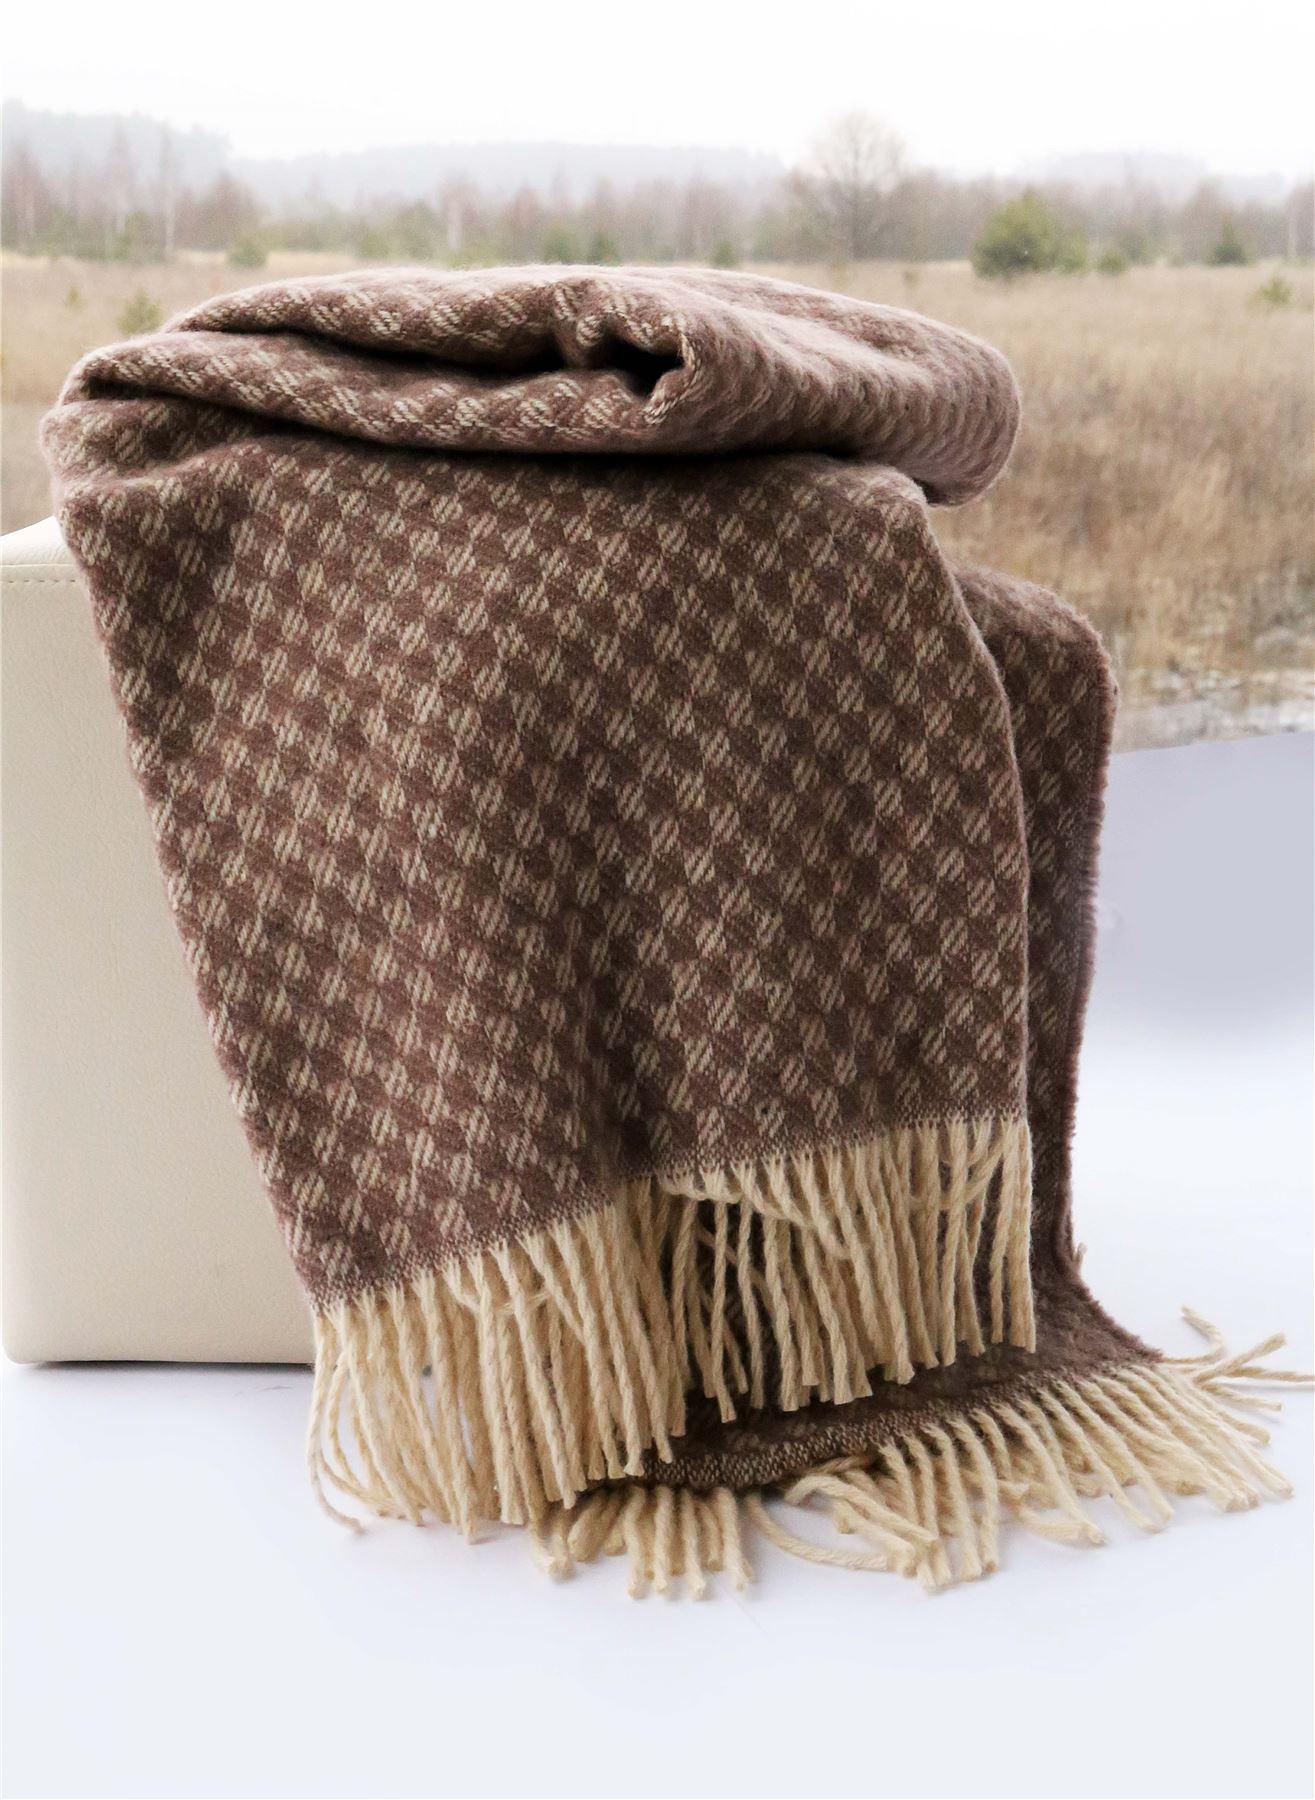 100 laine z lande couverture laine carreaux couvre lit 140cm x 200cm. Black Bedroom Furniture Sets. Home Design Ideas